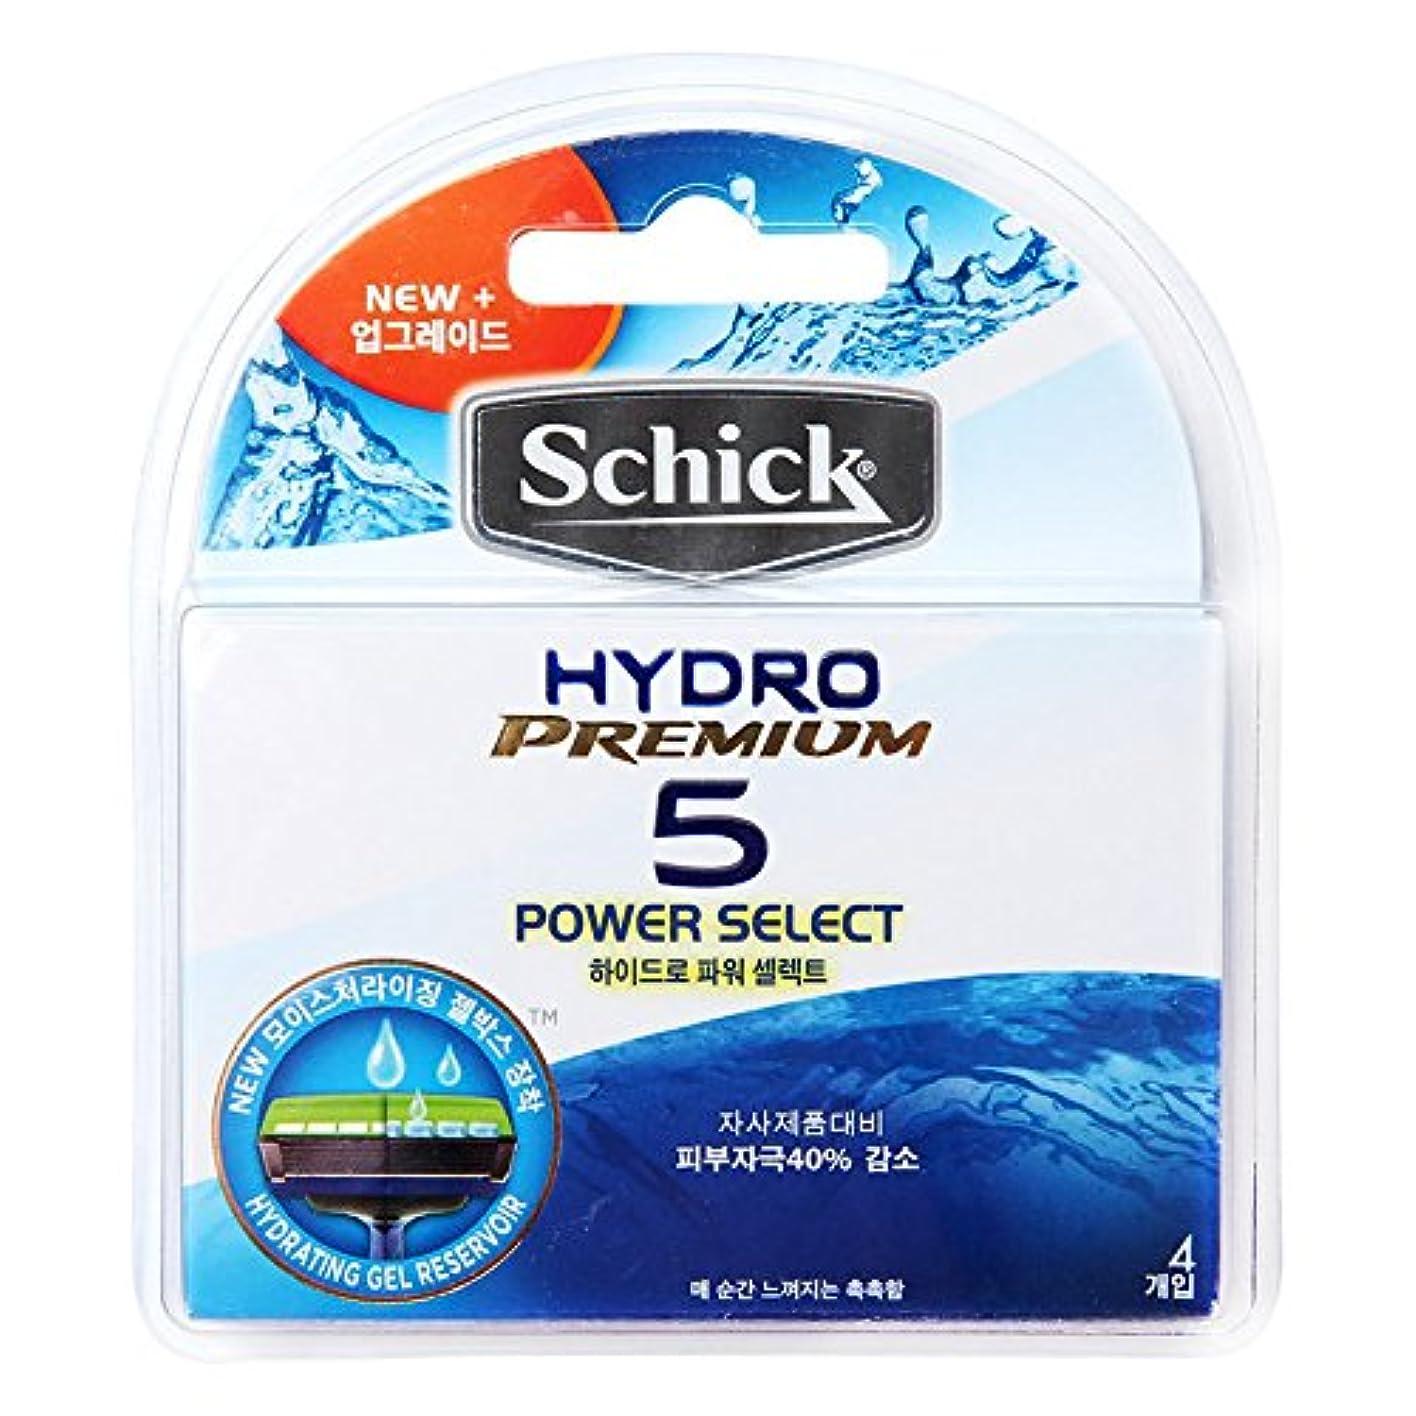 主観的試験パターンSchick HYDRO5 Premiump Power Select 4PCS かみそりの刃 [並行輸入品]